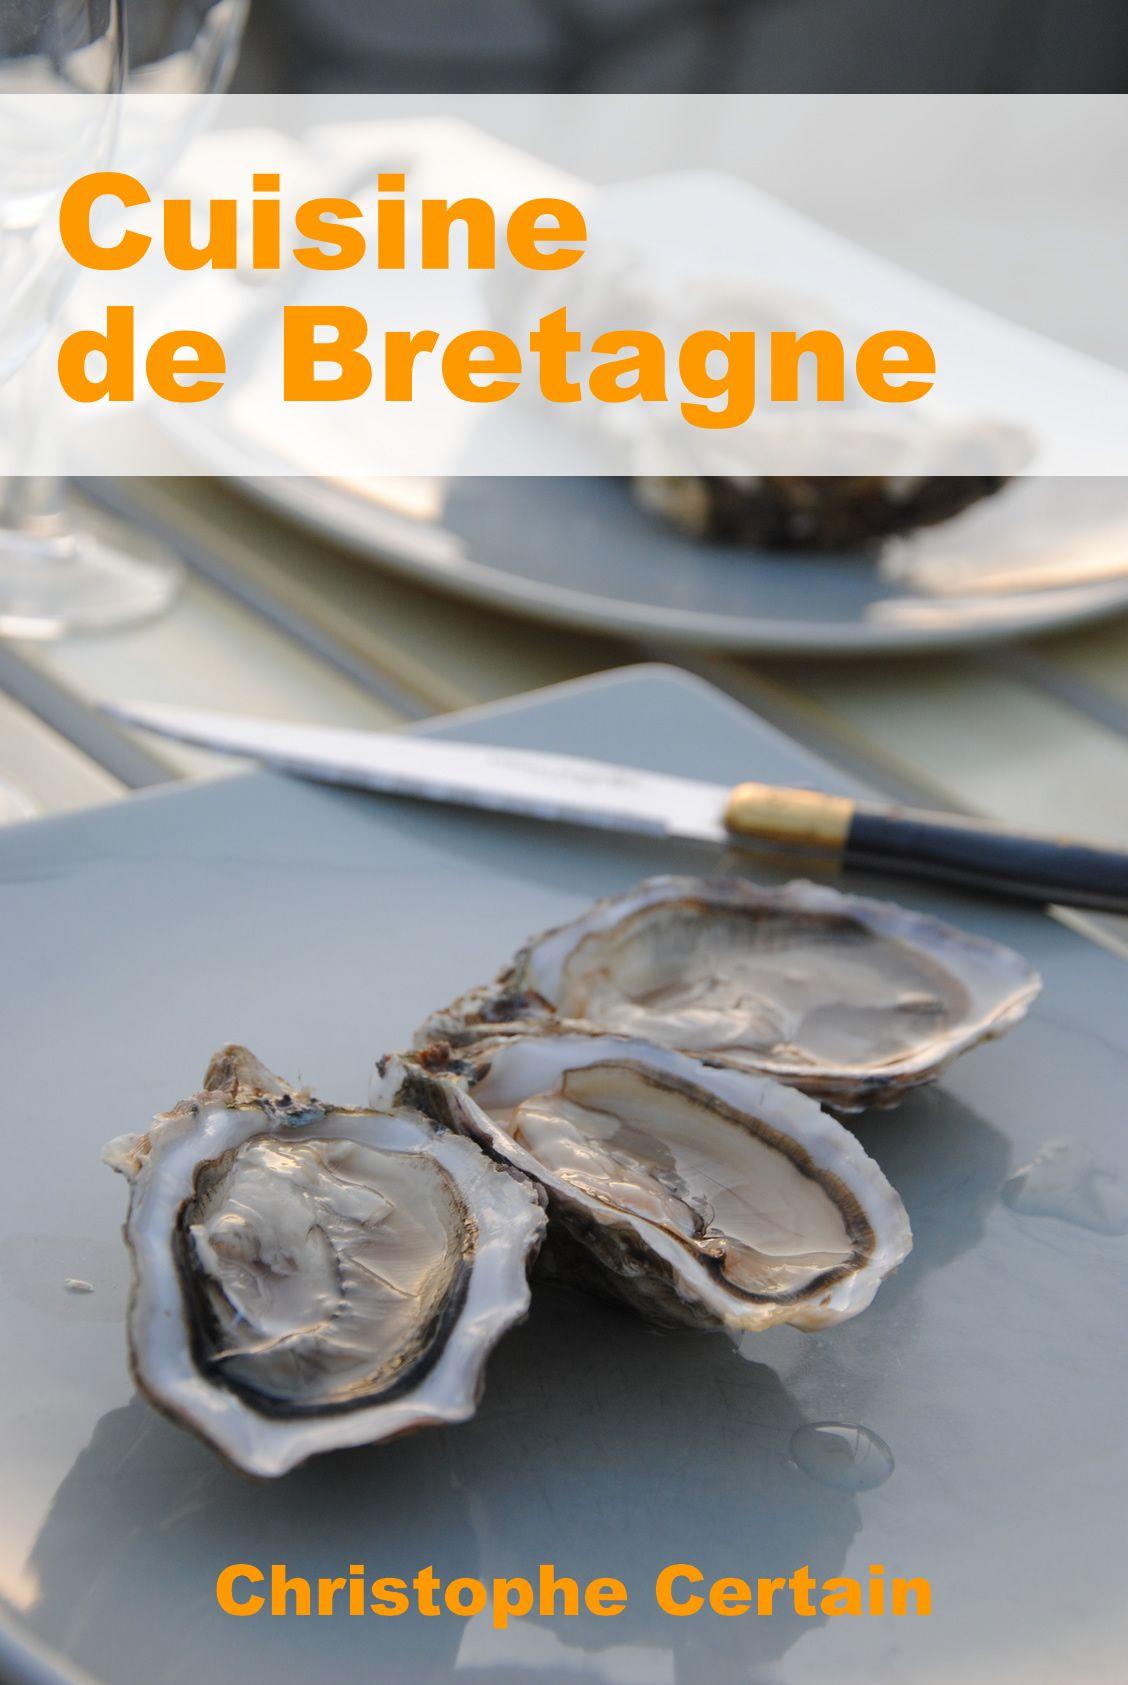 E Book Gratuit 200 Pages De Cuisine Bretonne Avec Christophe Certain Decouvrez Les Produits De La Mer Mais Aussi Cuisine Bretonne Cuisine Recettes De Cuisine